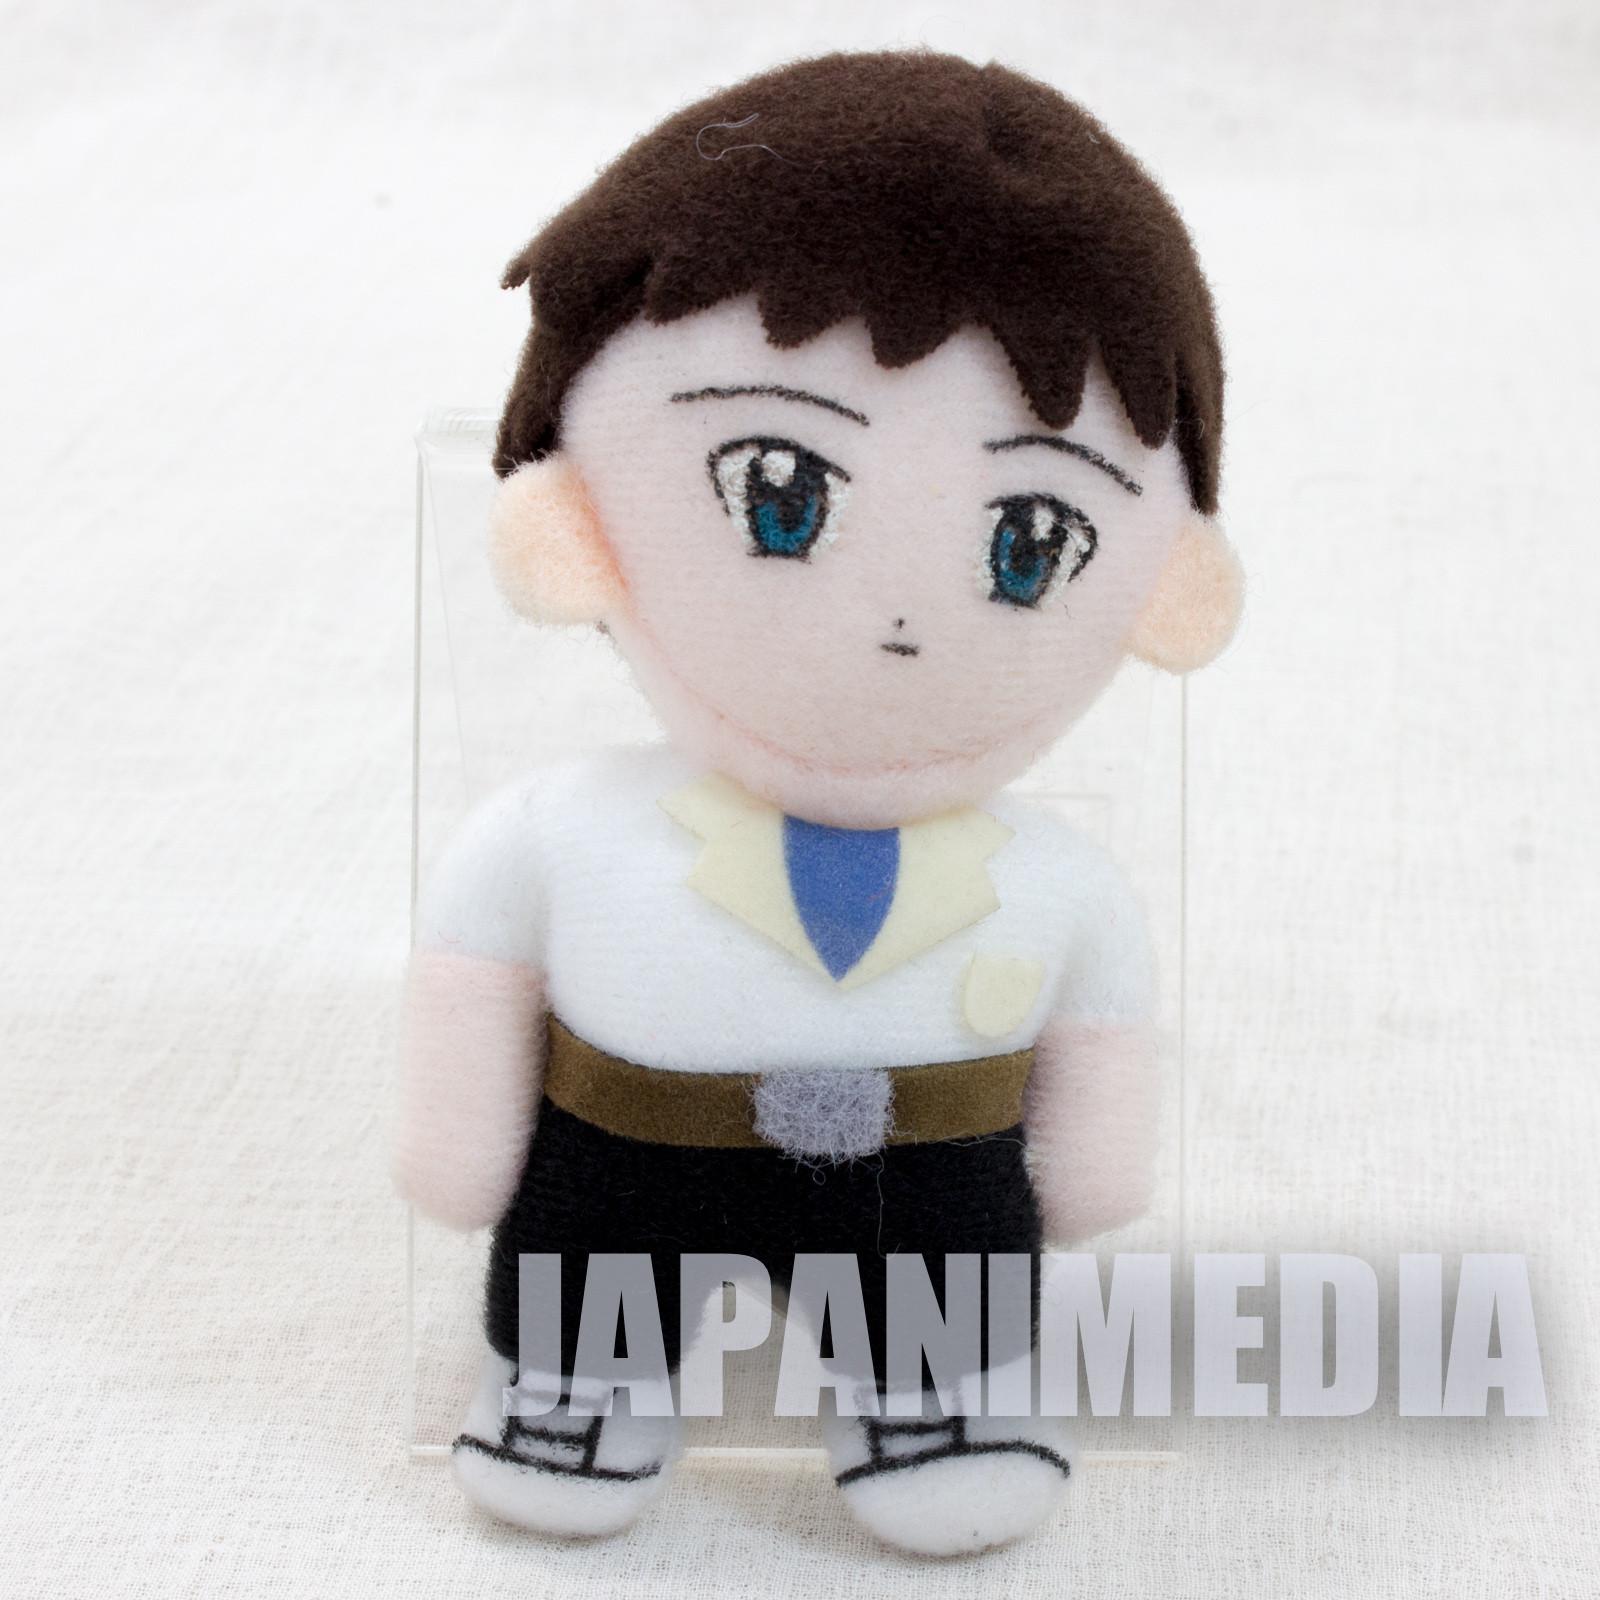 """Evangelion Shinji Ikari Mini Plush Doll 3.5"""" JAPAN ANIME MANGA"""